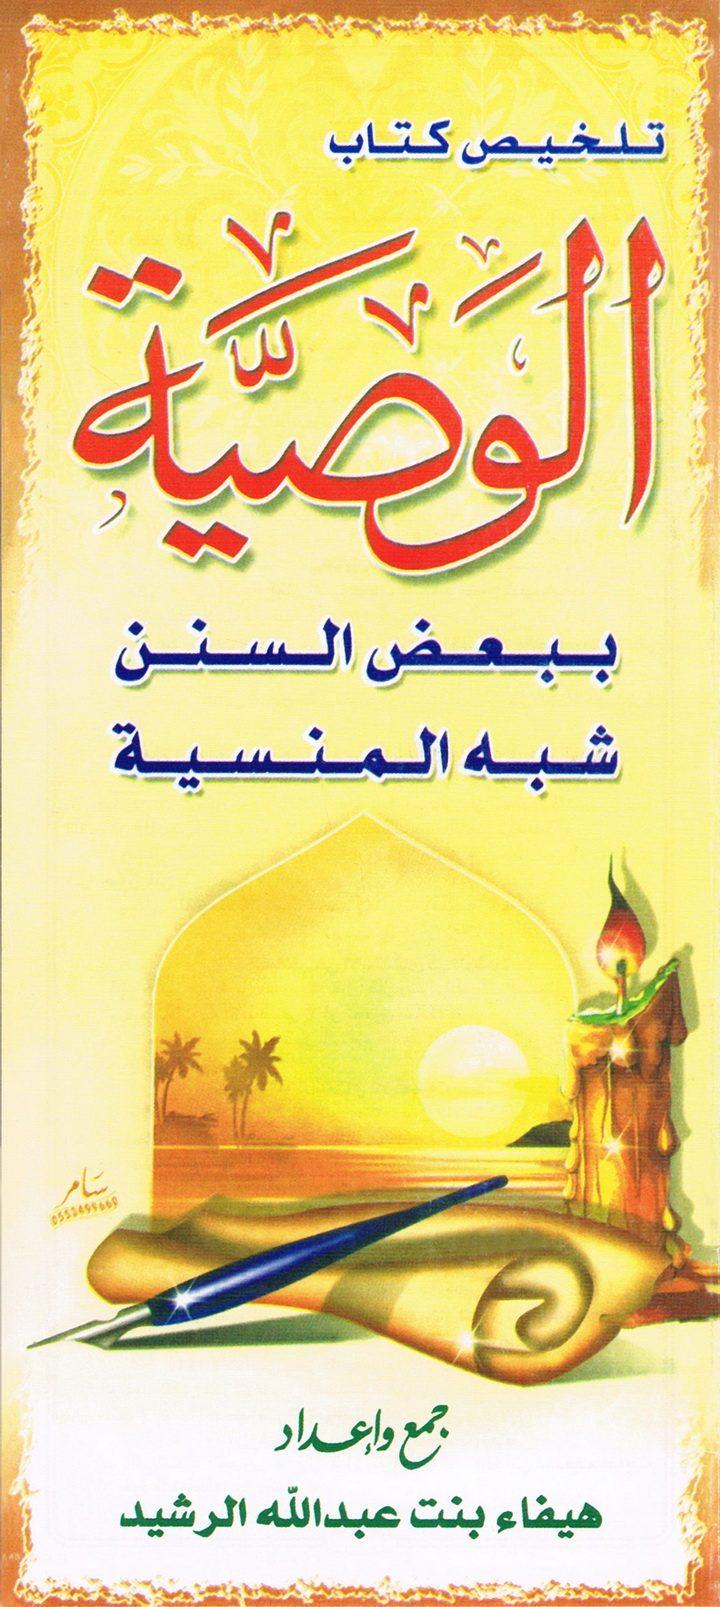 تلخيص كتاب الوصيّة ببعض السنن شبه المنسية (هيفاء بنت عبد الله الرشيد)